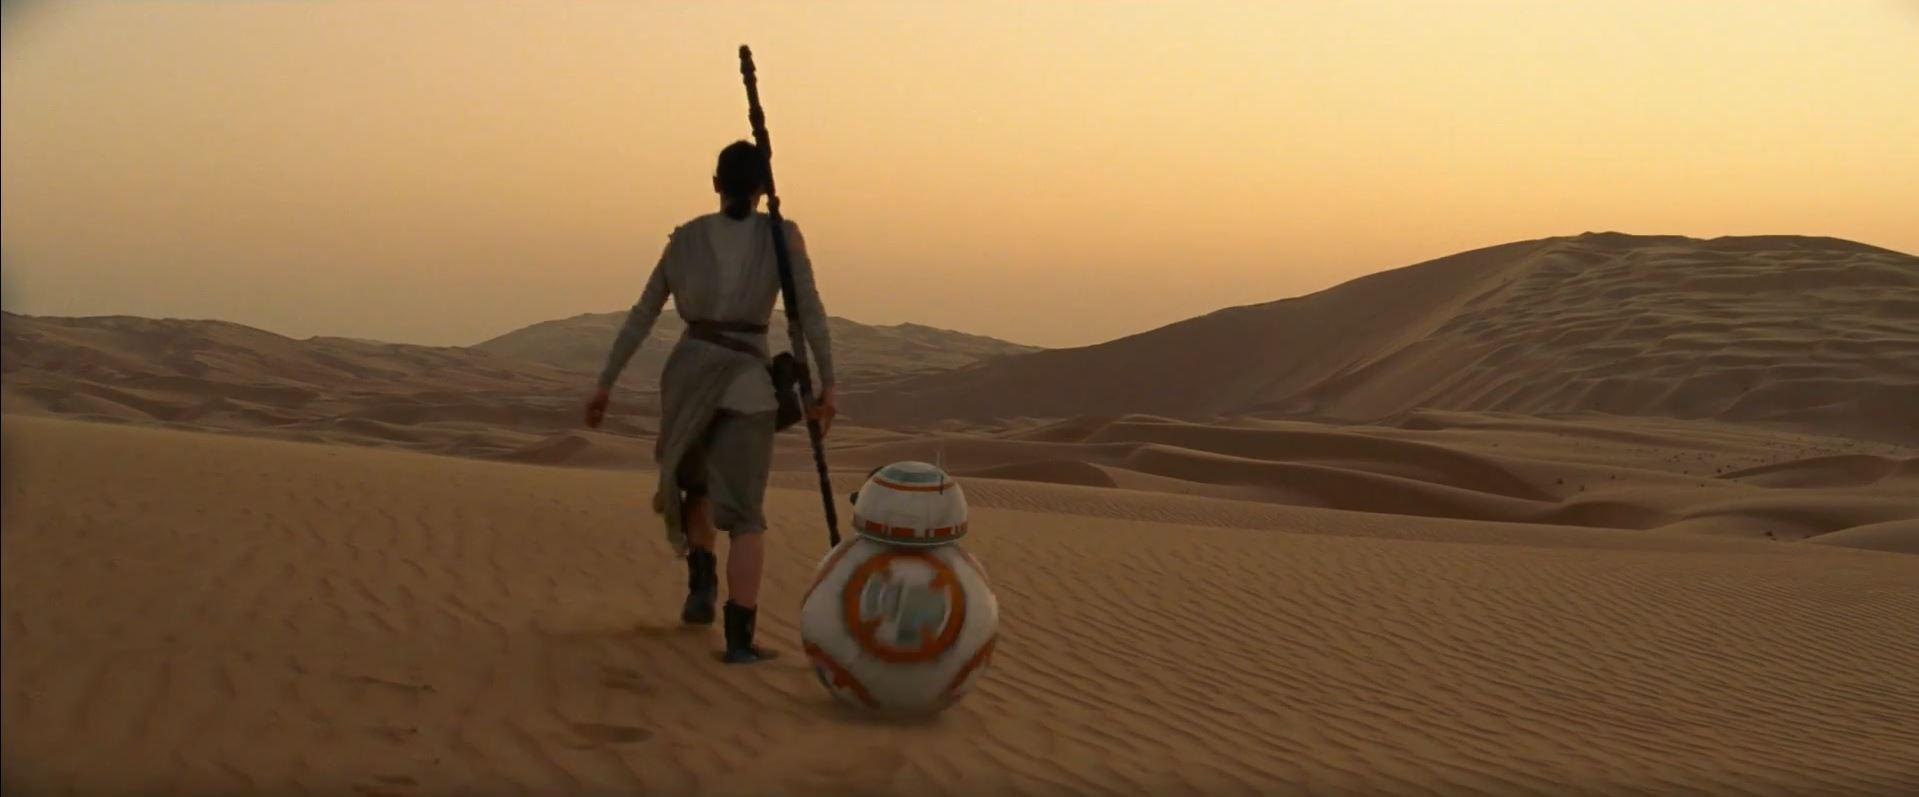 Rey (DaisyRidley) with BB-8 on Jakku